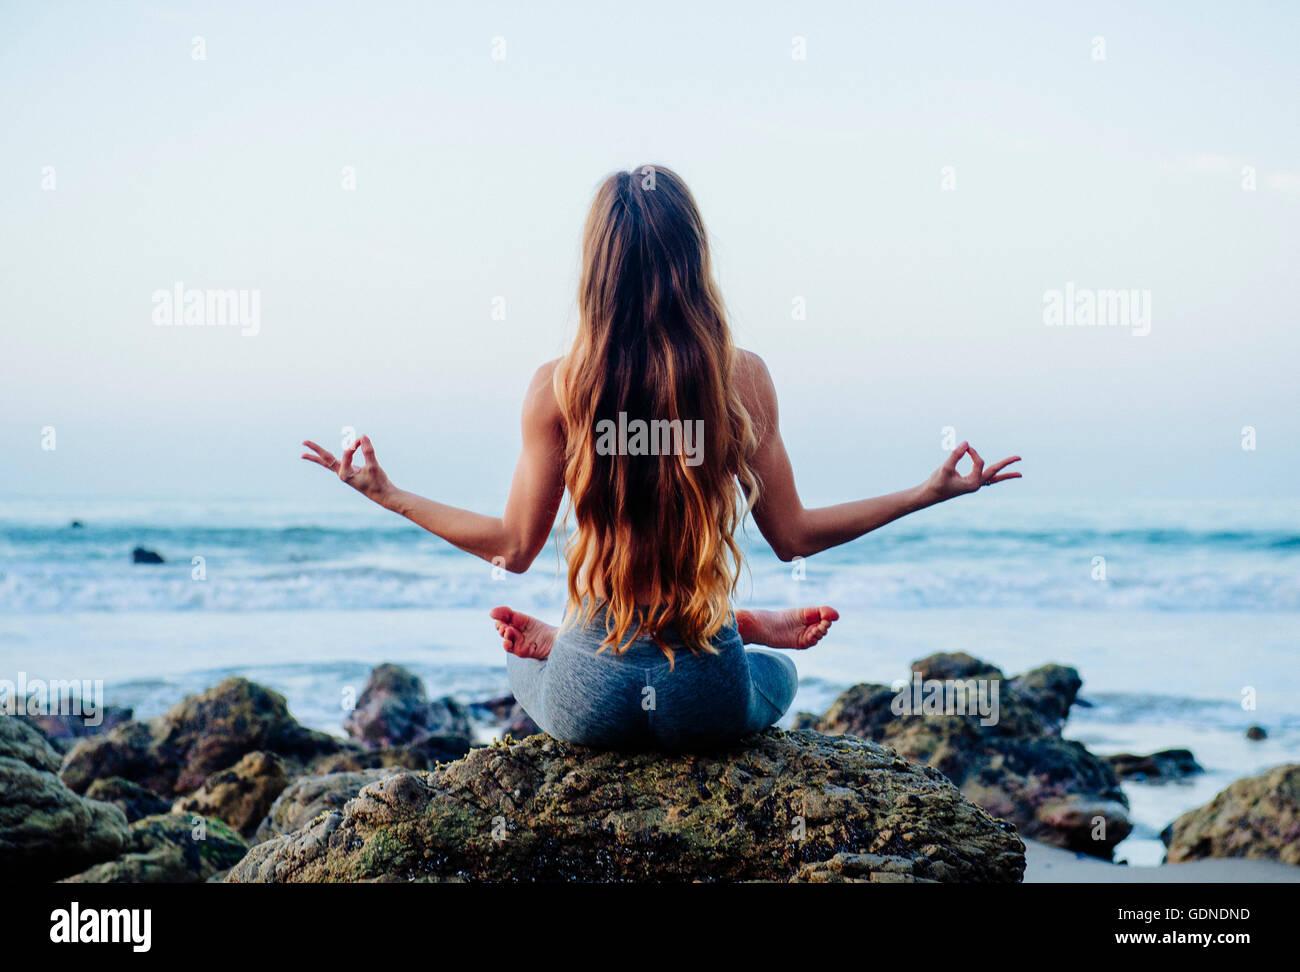 Rückansicht des junge Frau mit langen Haaren üben Lotus Yoga-Pose auf Felsen am Strand, Los Angeles, Kalifornien, Stockbild